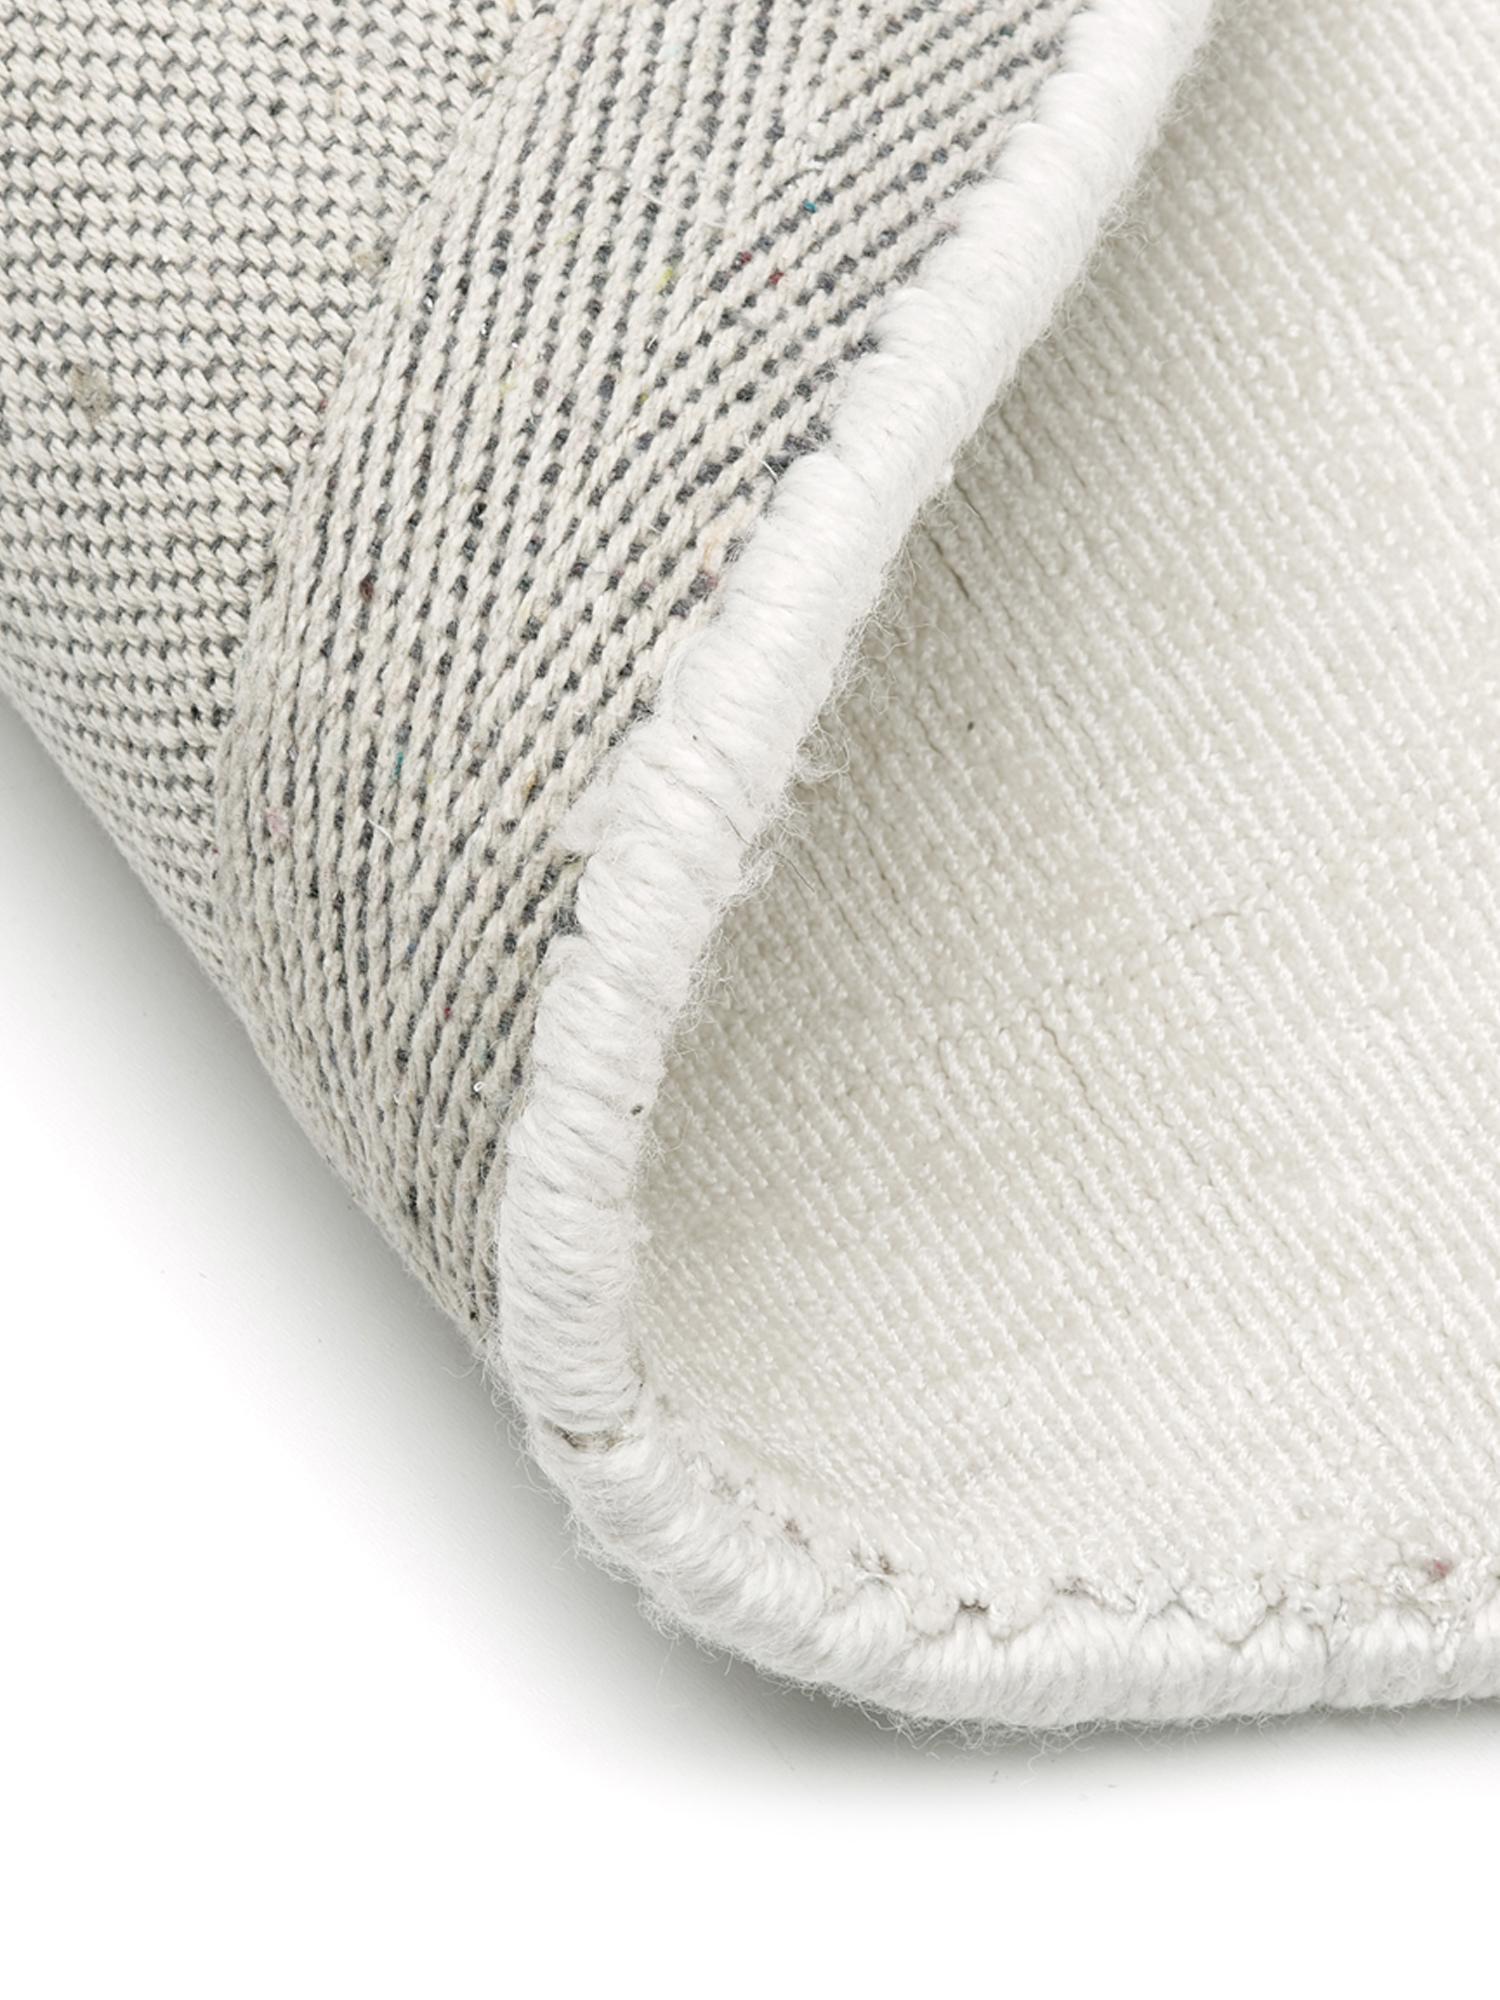 Tappeto rotondo in viscosa tessuto a mano Jane, Retro: 100% cotone, Avorio, Ø 200 cm (taglia L)